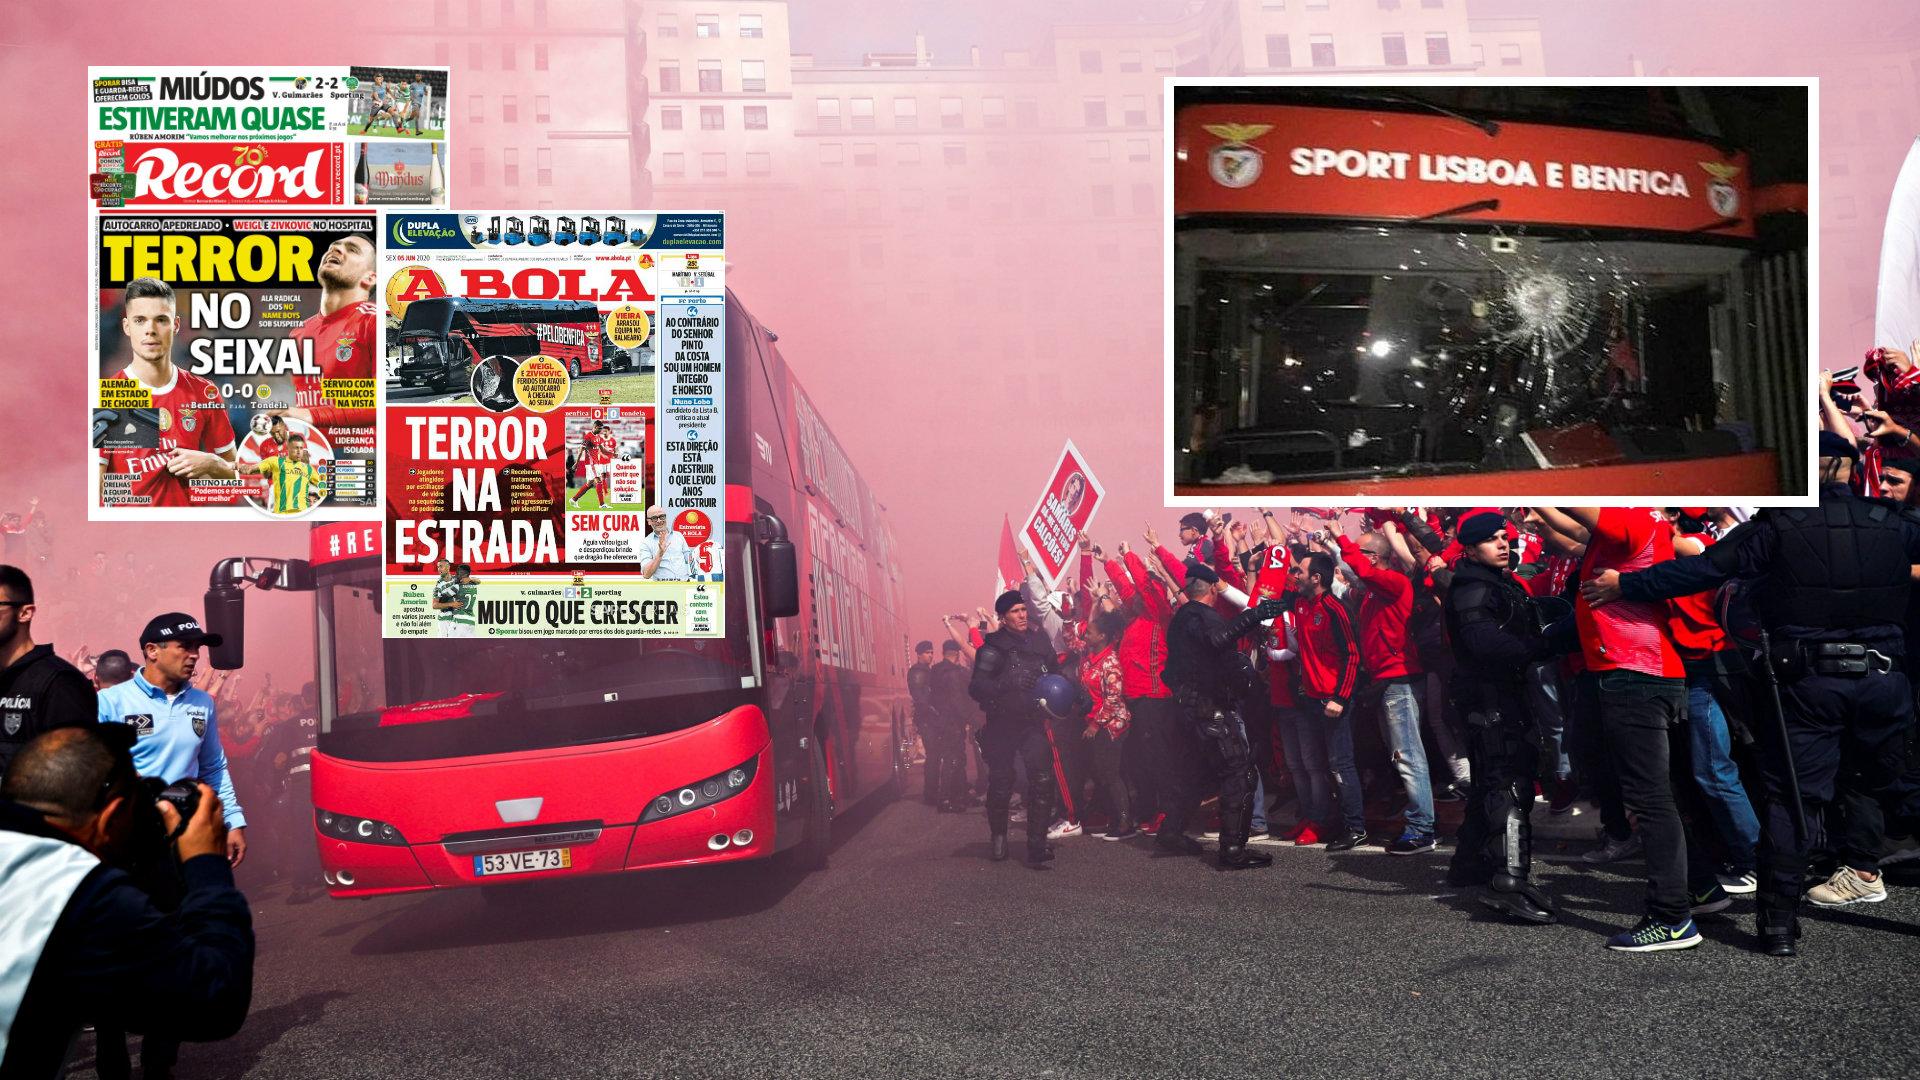 Kaos te Benfica: Tifozët ndërmarrin aksionin e radhës, e pëson edhe trajneri